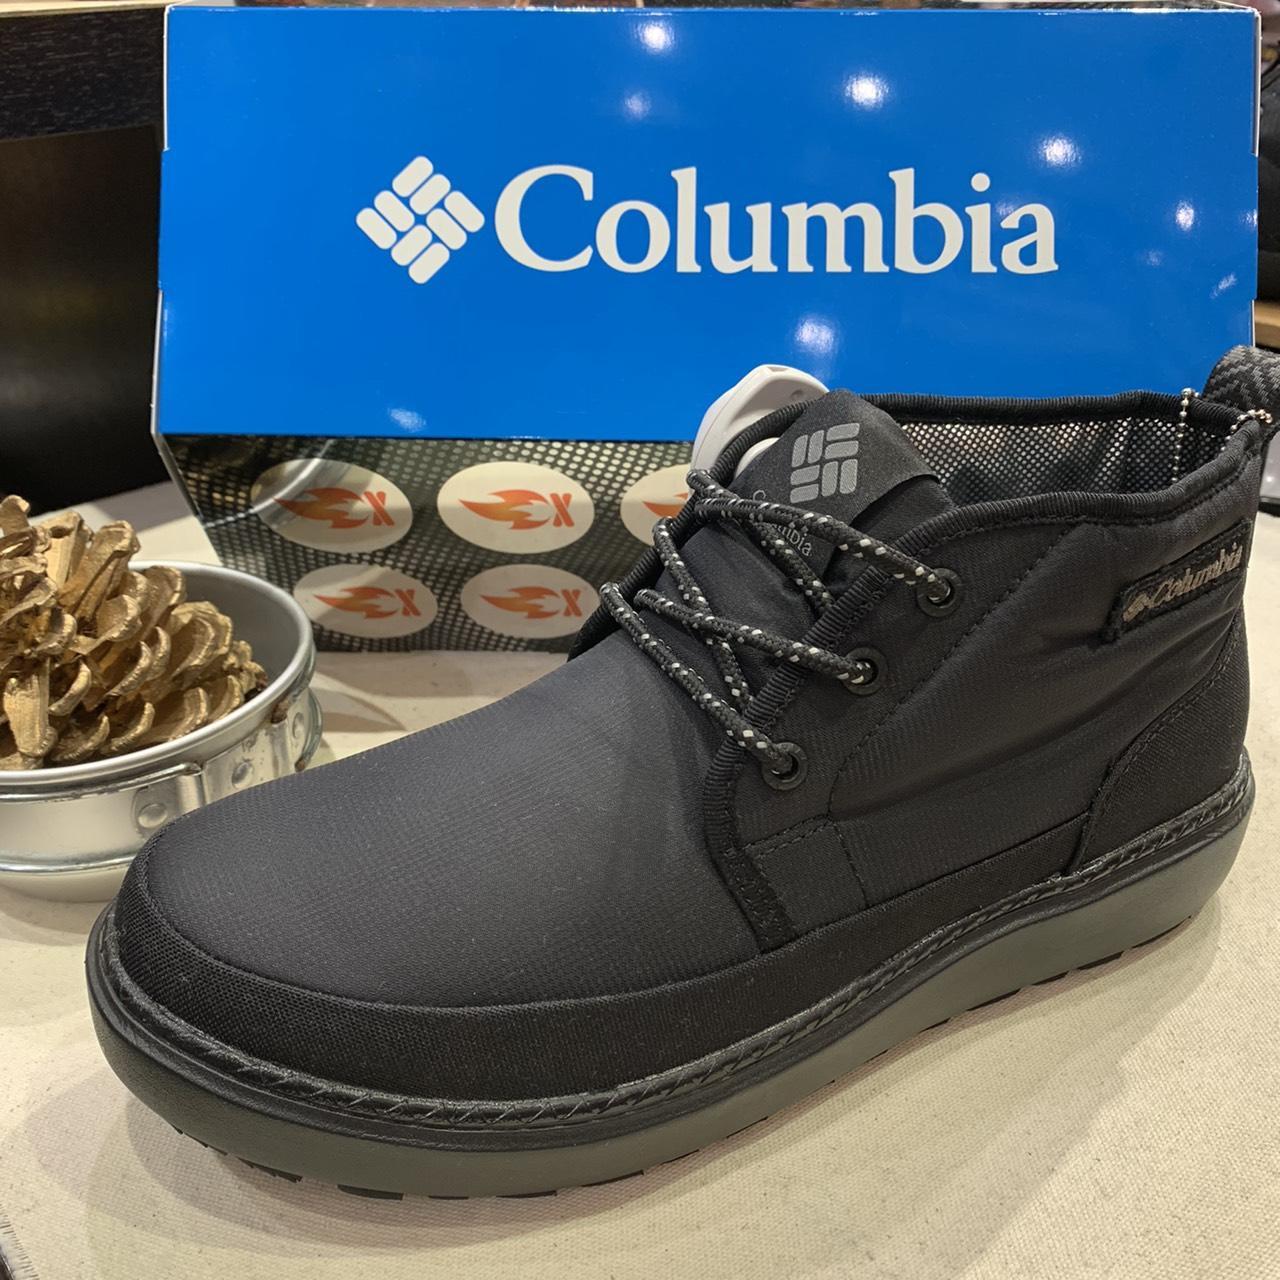 【シューズ】Columbia ウィンターブーツのご紹介☆